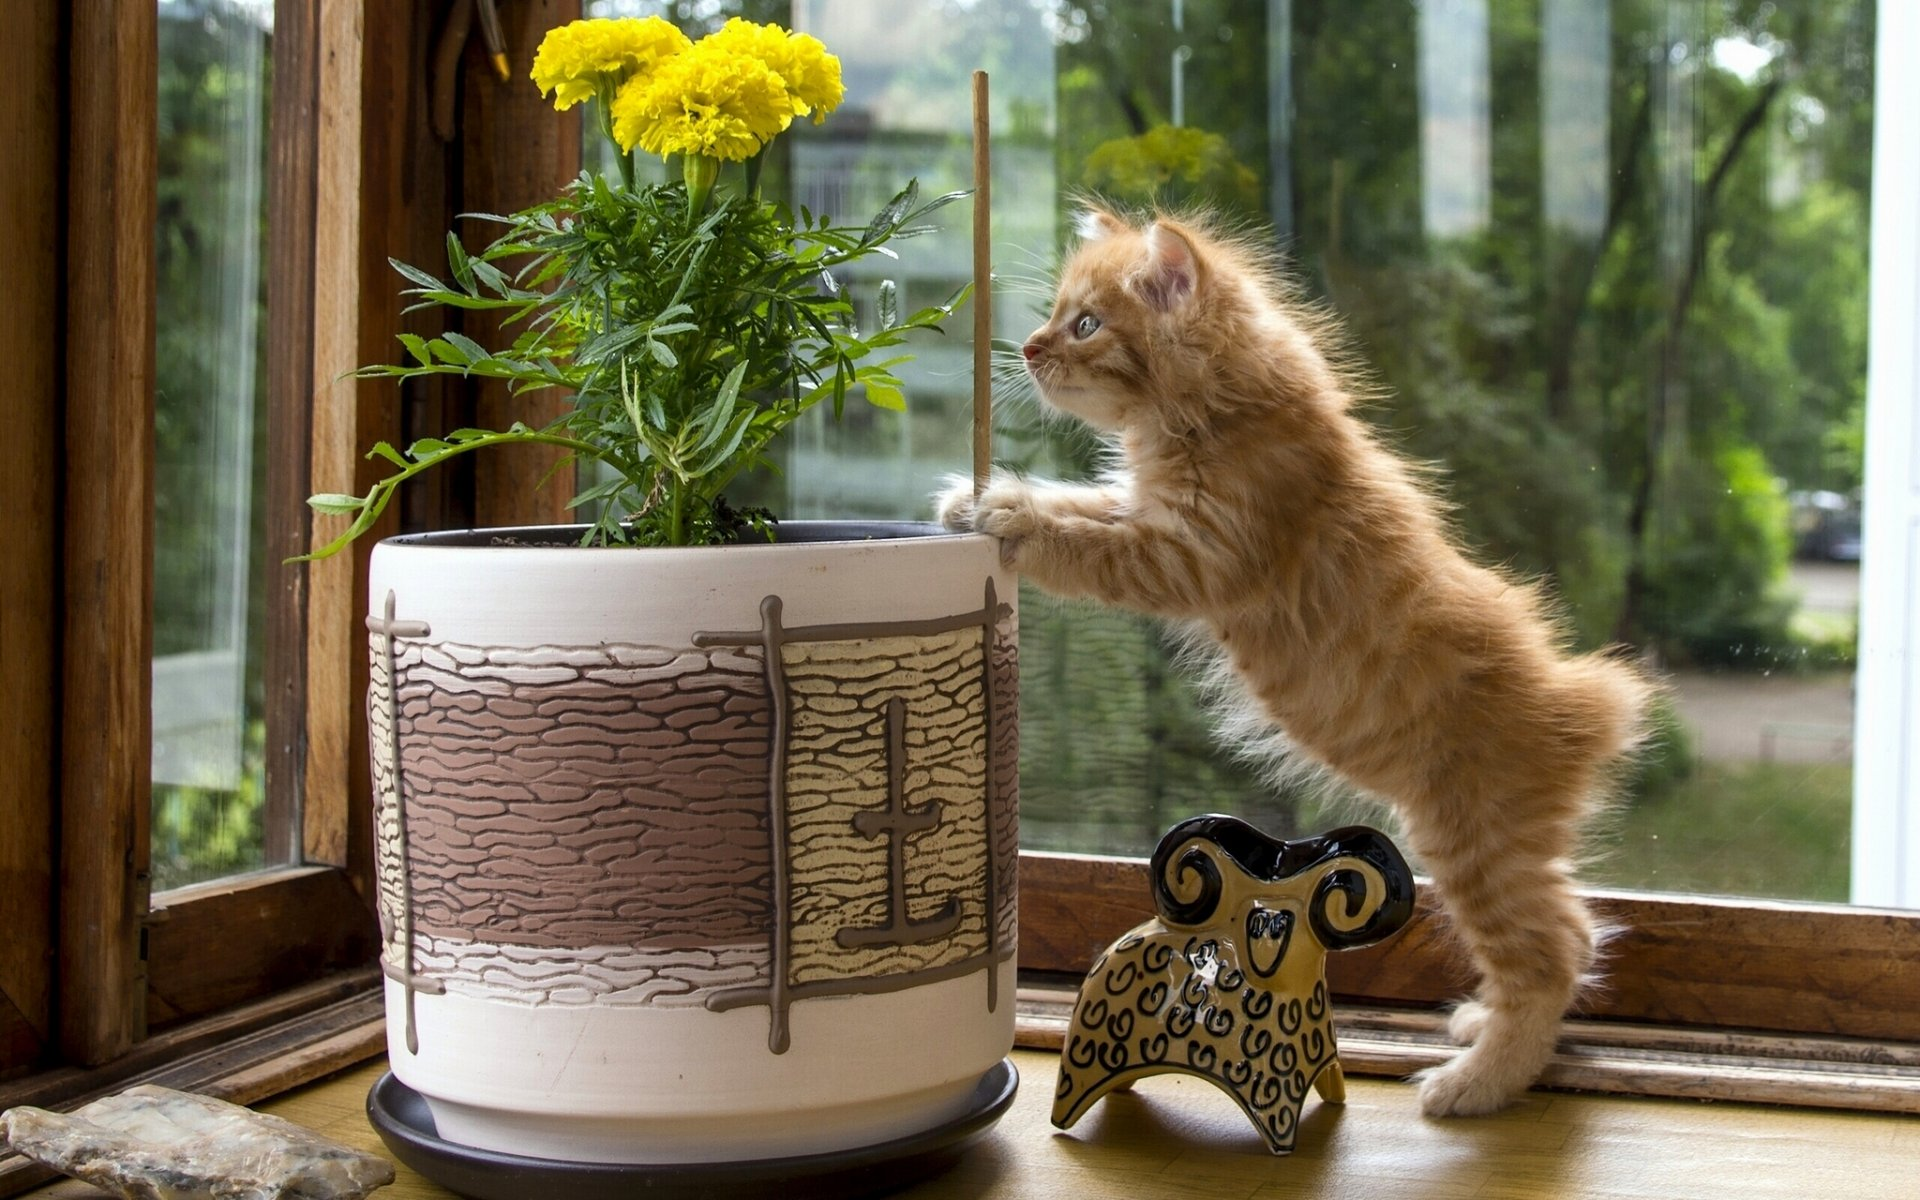 С добрым утром картинки с котом и гнездом на голове